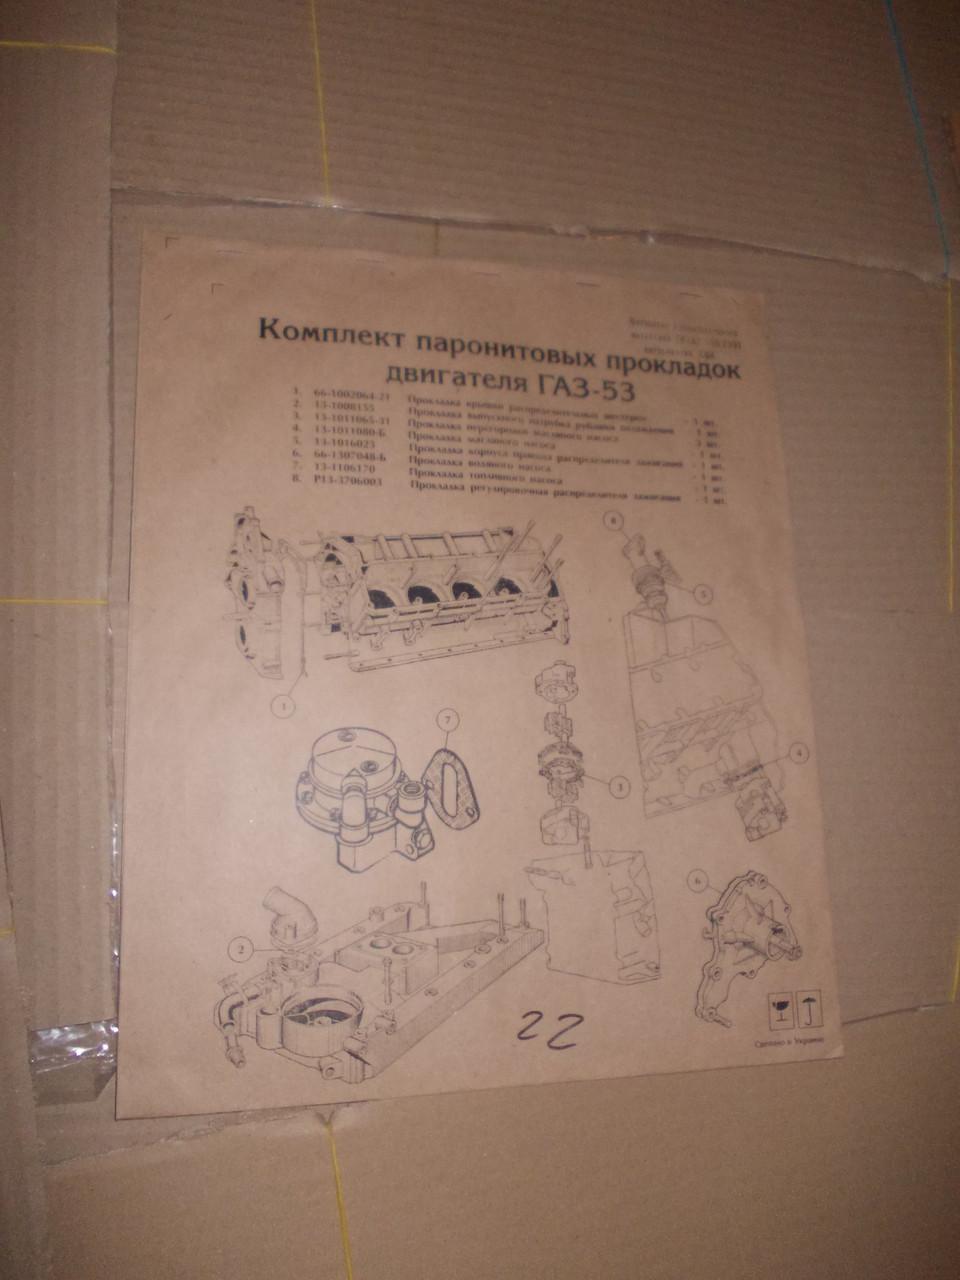 К-т прокладок ГАЗ-53 двигателя паронитовых